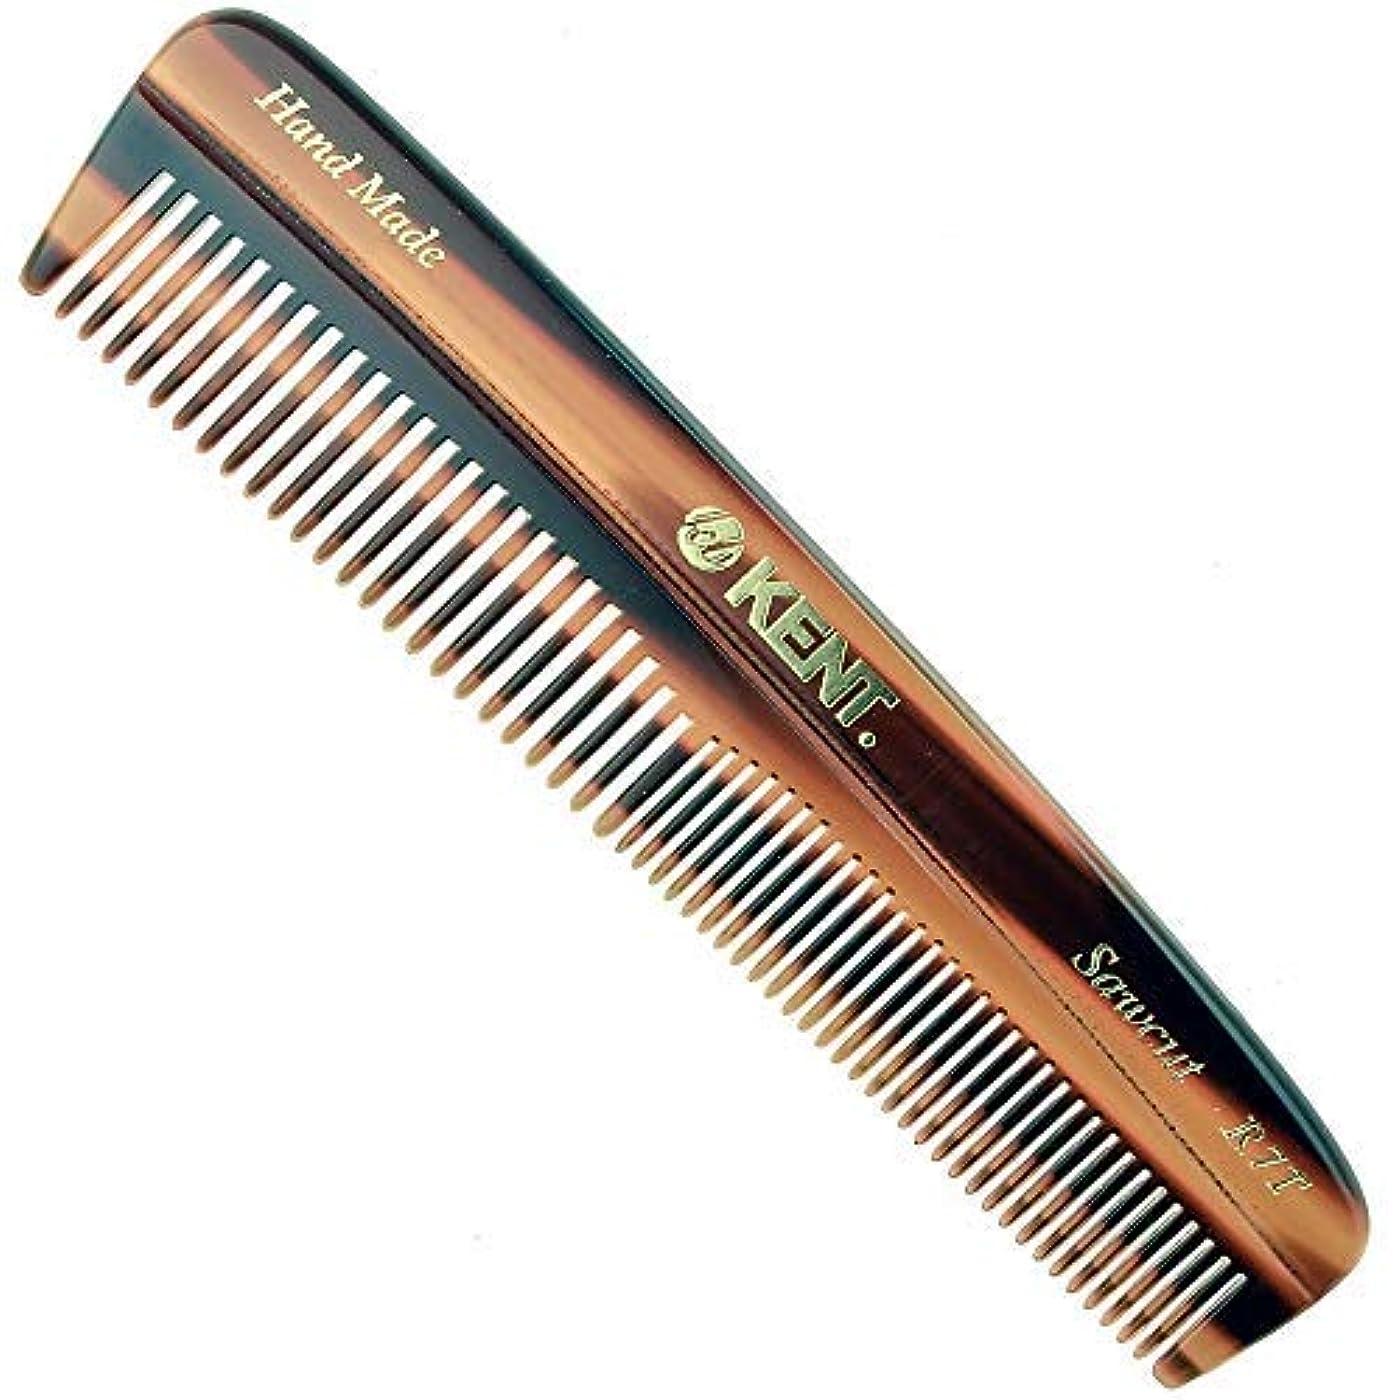 安全な好意的見分けるKent R7T - Men's/Women's Coarse and Fine Toothed Small Travel Pocket Comb 130mm/5.63